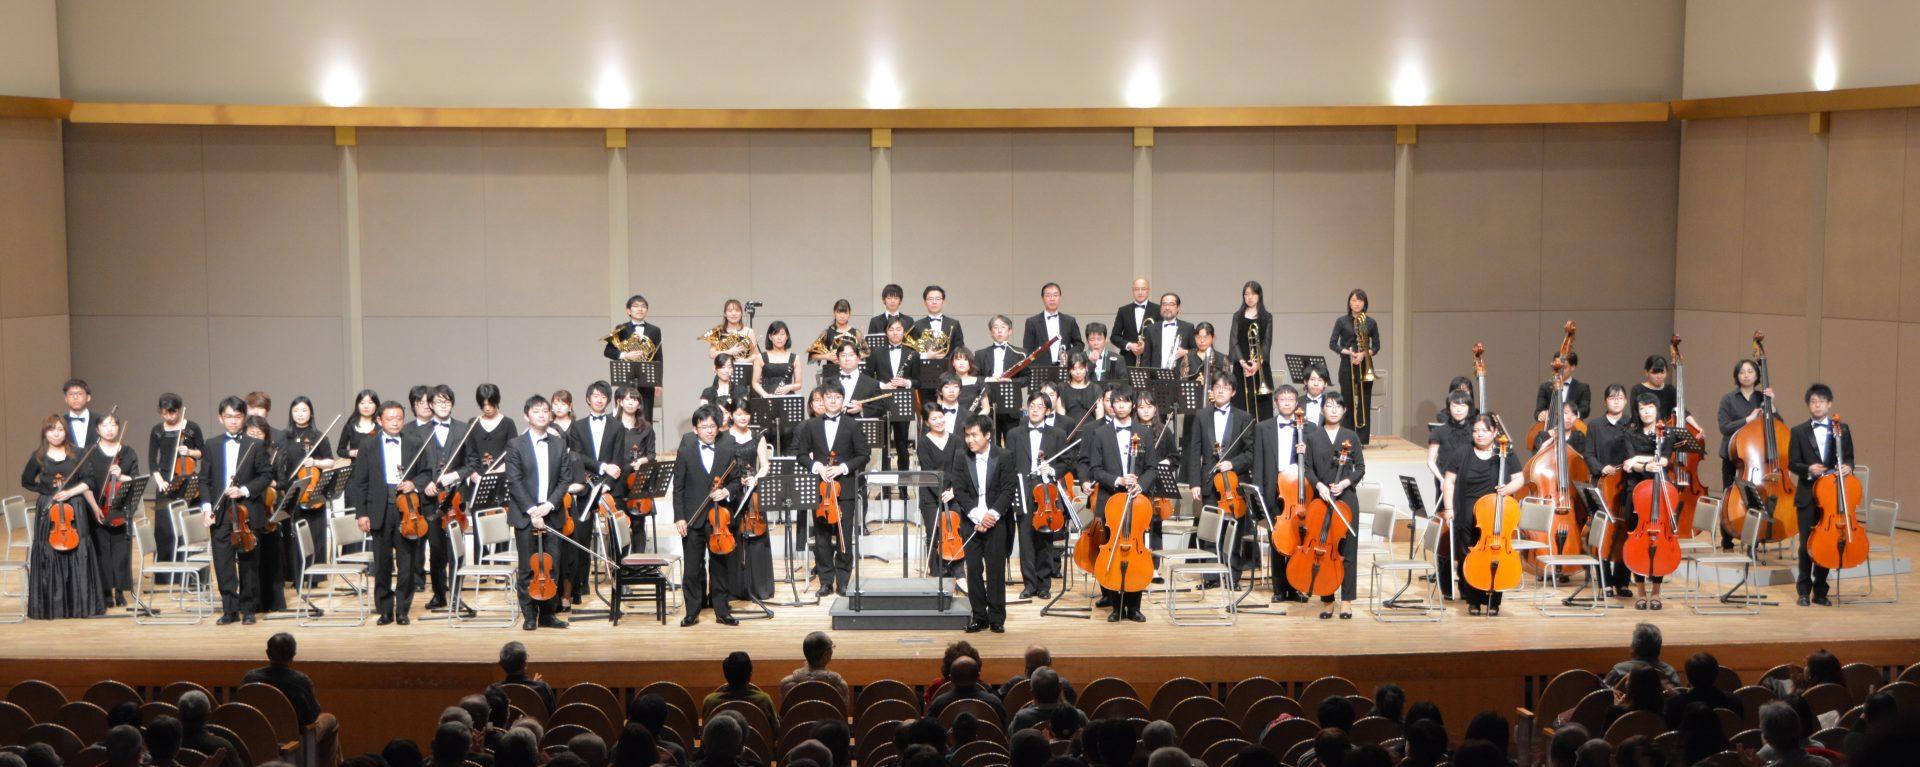 アリエッタ交響楽団 Arietta Symphony Orchestra